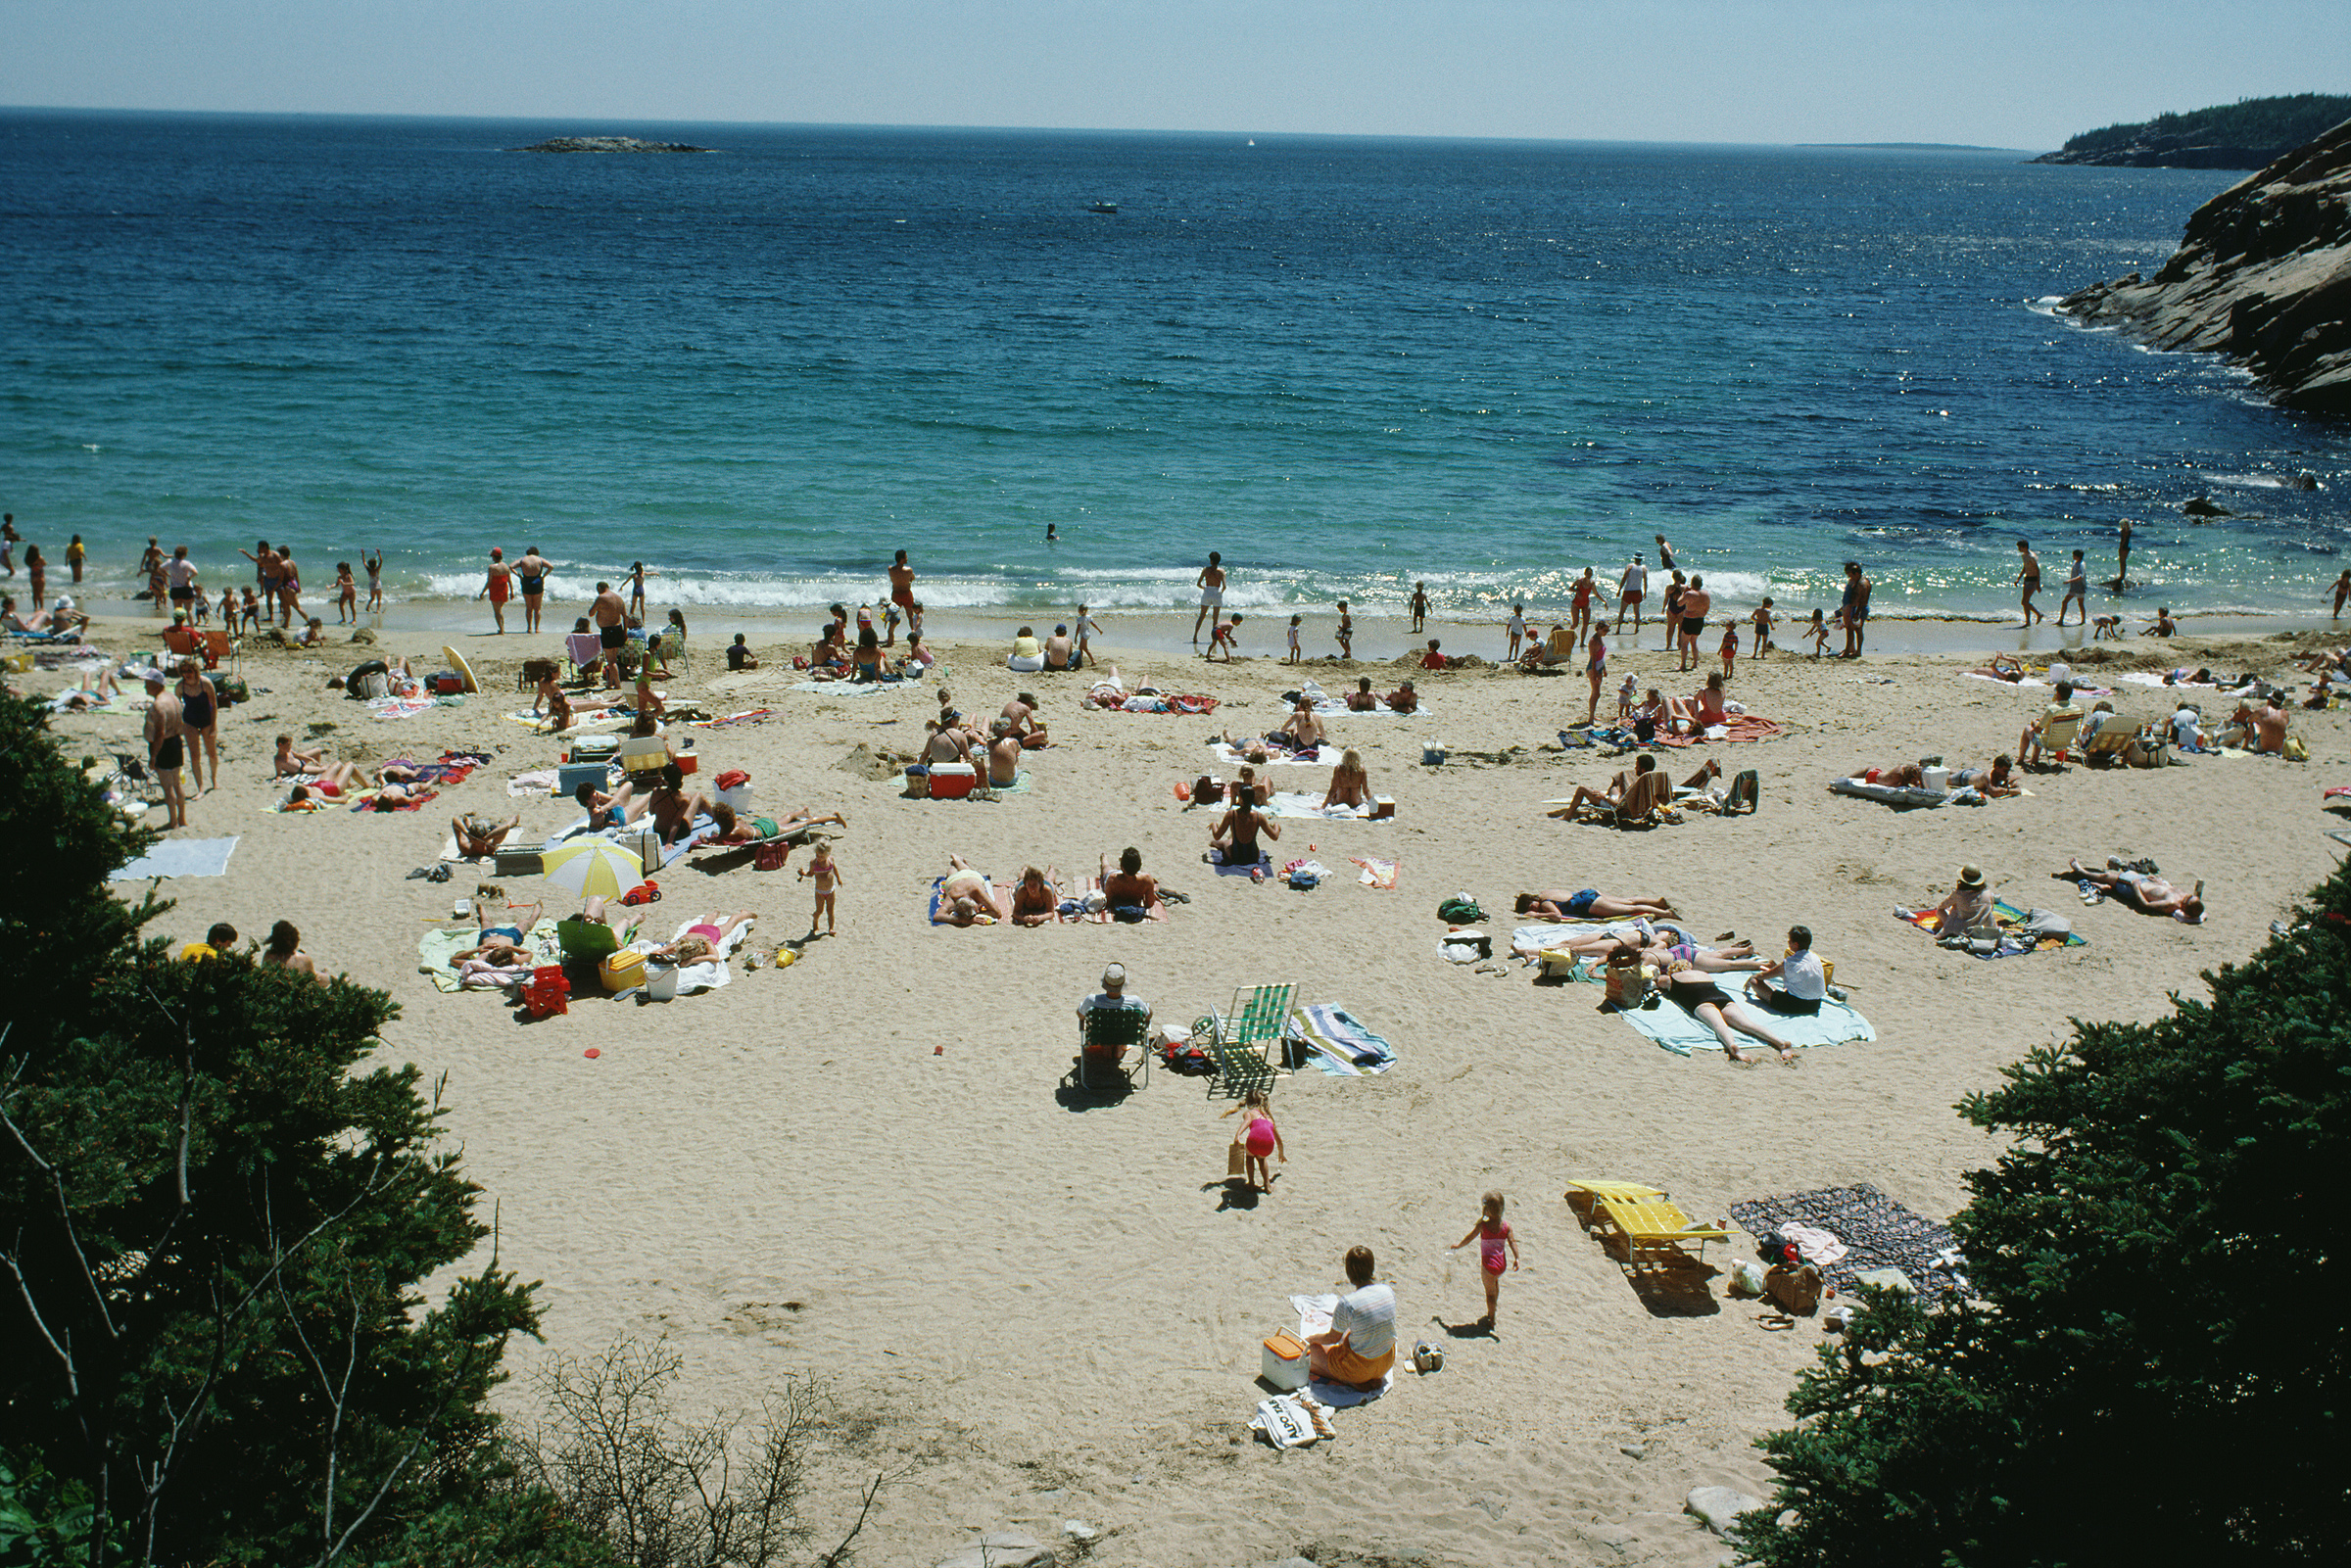 Spiagge e dune cambieranno col mutamento climatico